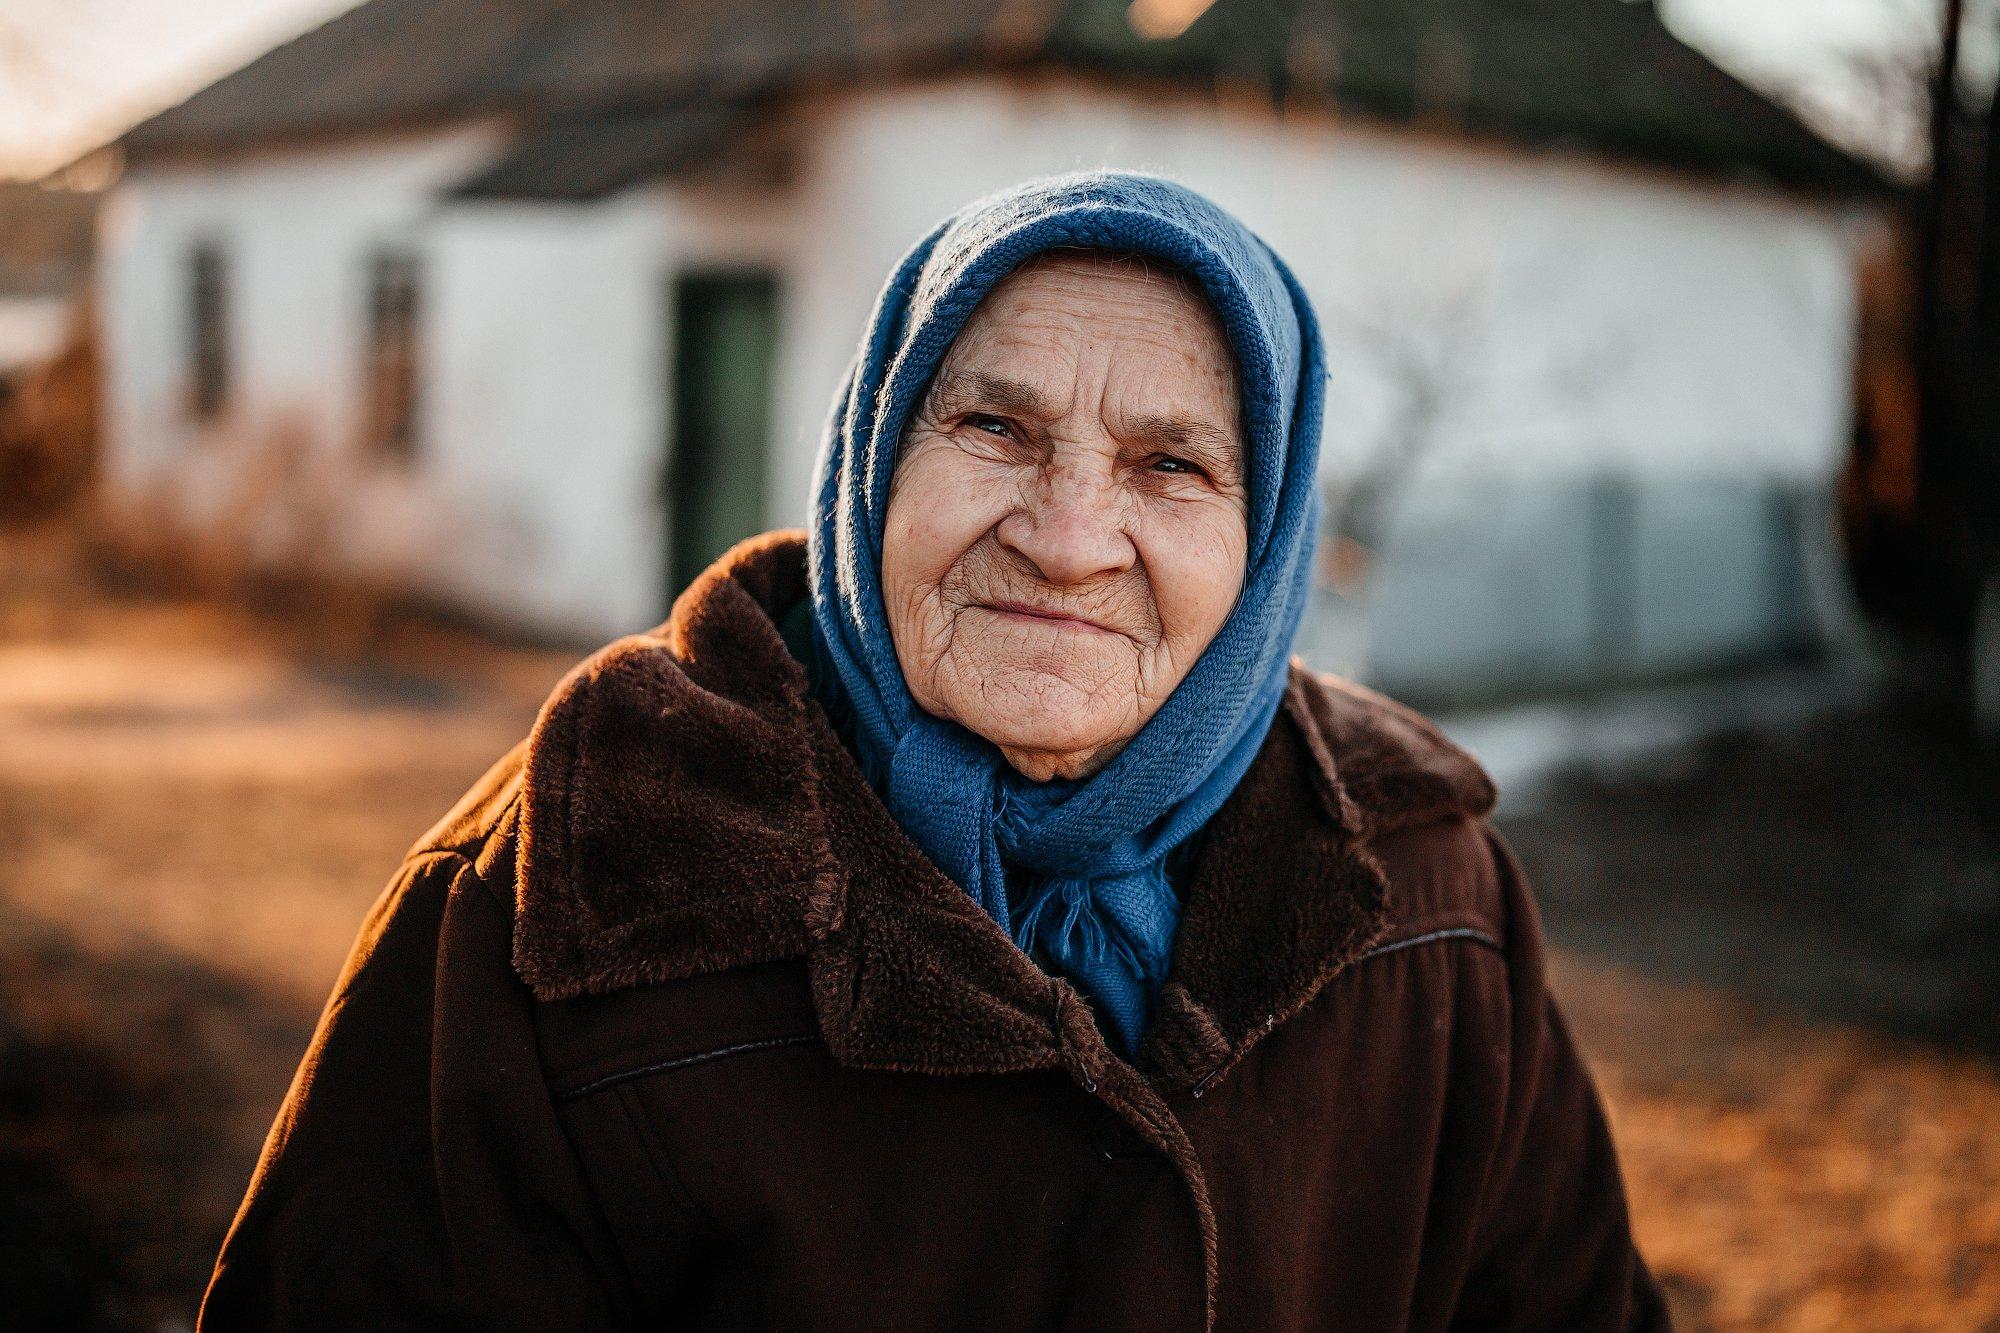 портрет, счастье, женский портрет, старость, бабушка, Дмитрий Шеремет